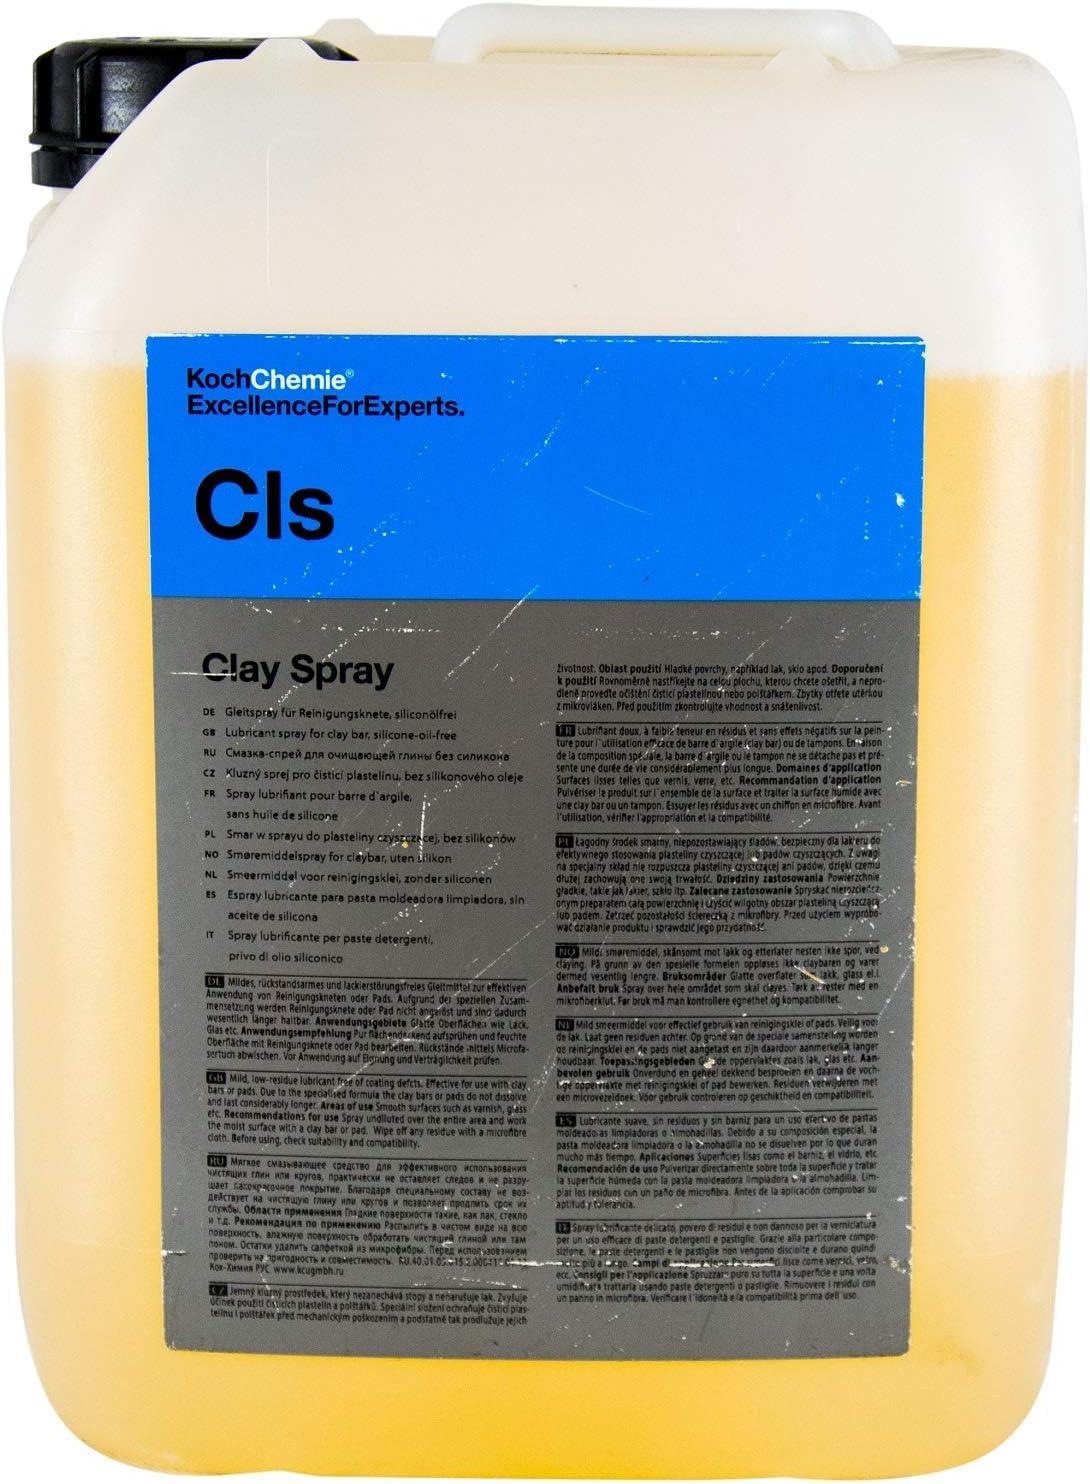 Koch Chemie Cls Clay Spray Gleitspray Für Reinigungsknete Siliconölfrei 10 Liter Auto